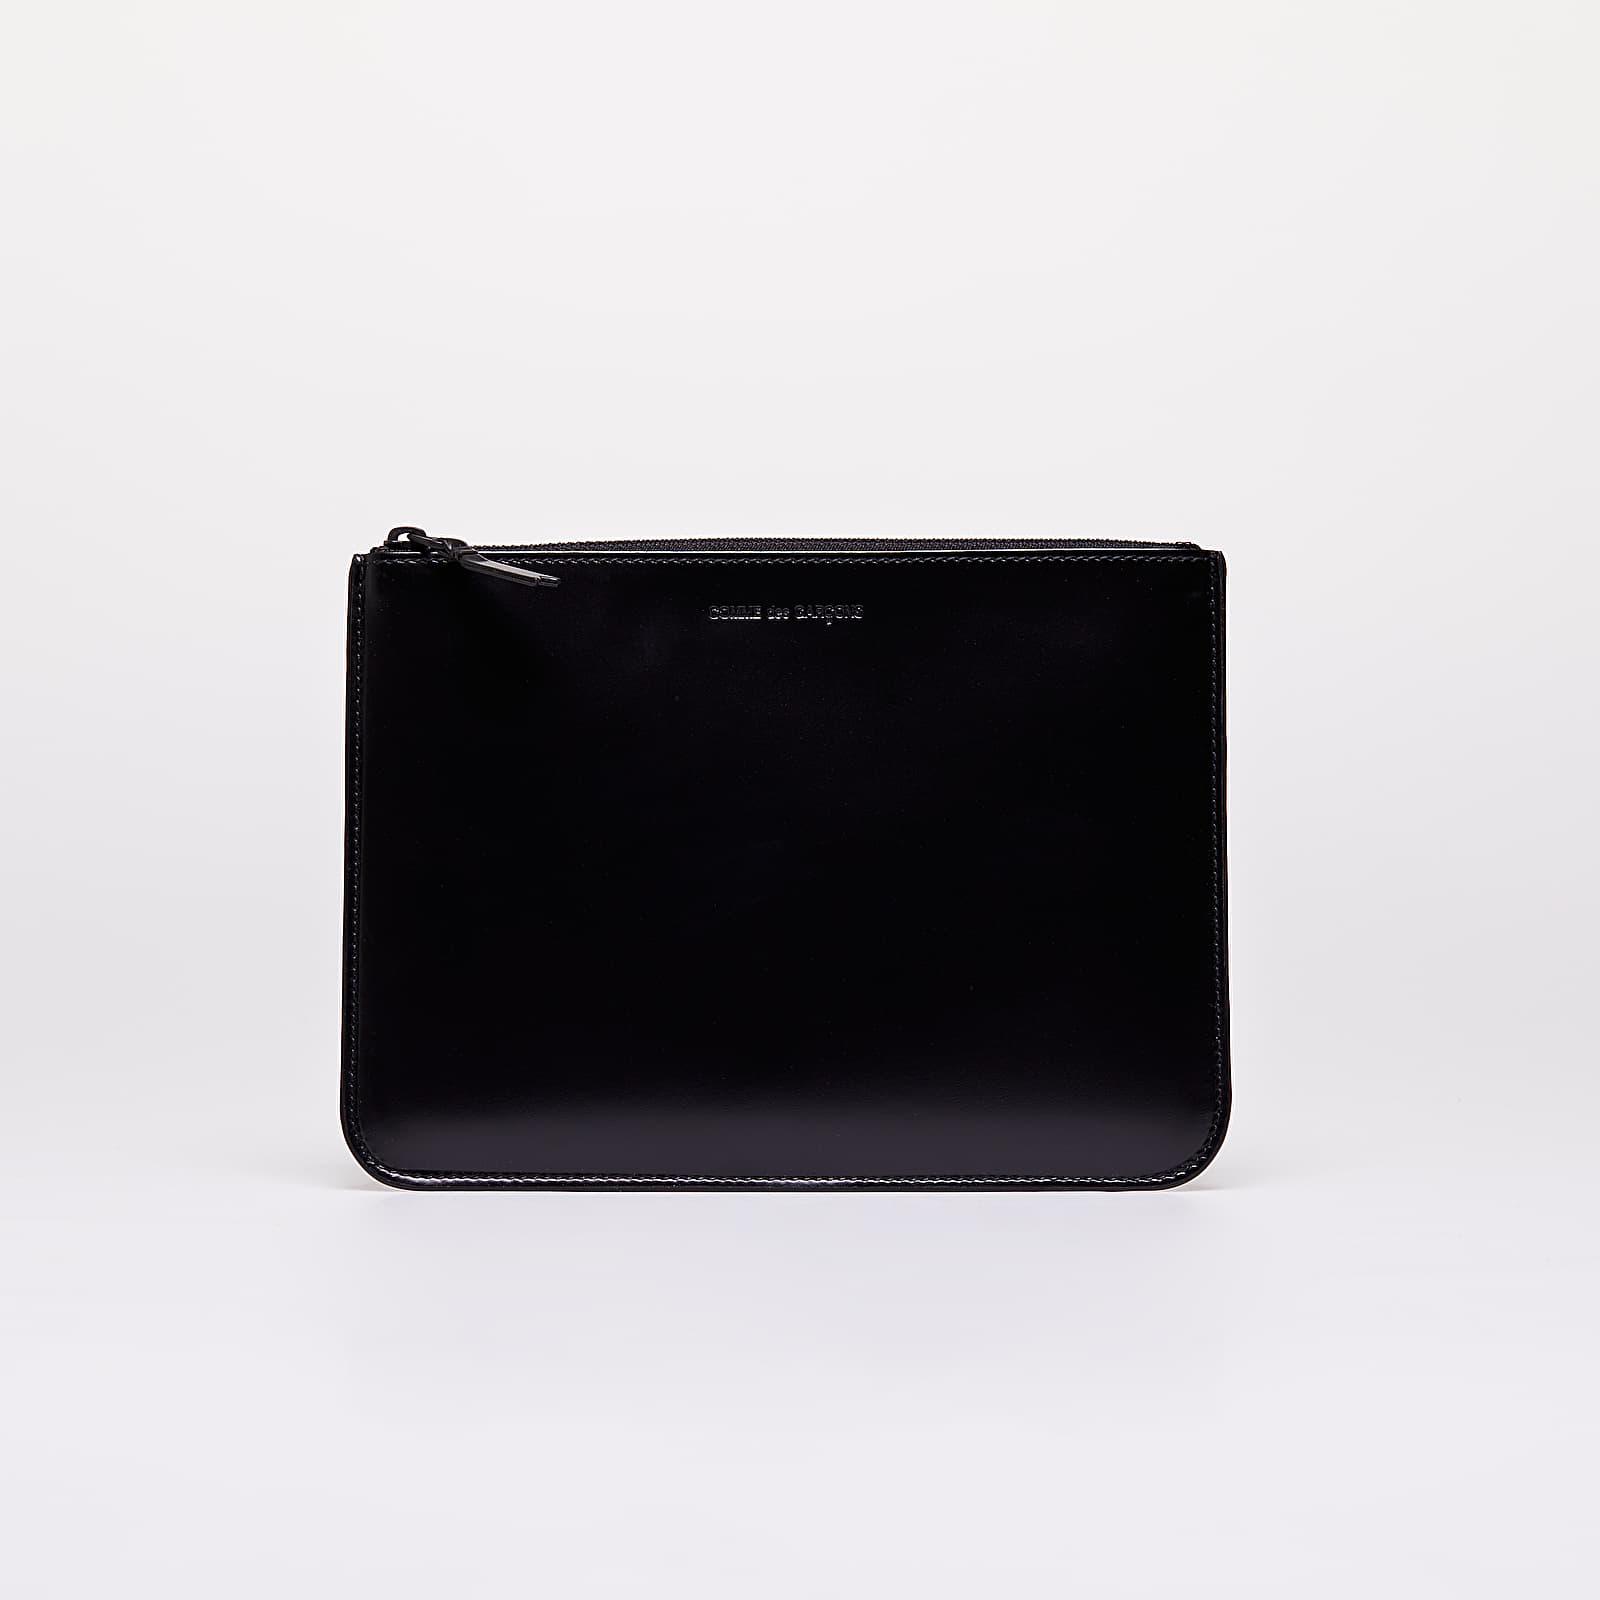 Гаманці Comme des Garçons Wallet Very Black